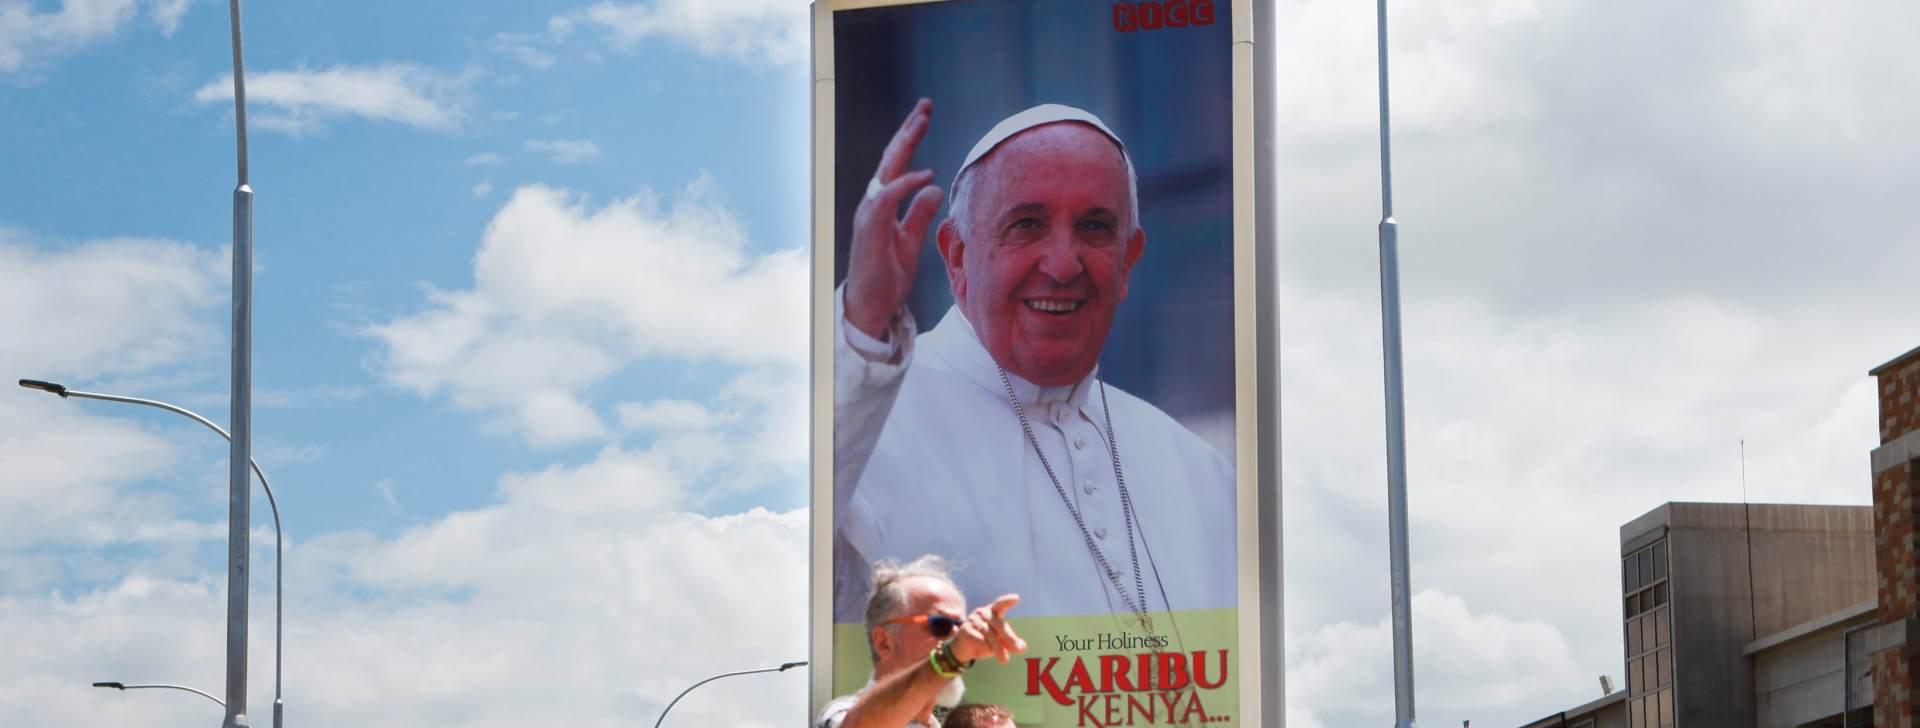 PORUKE MIRA I DIJALOGA: Papa Franjo otputovao na afričku turneju